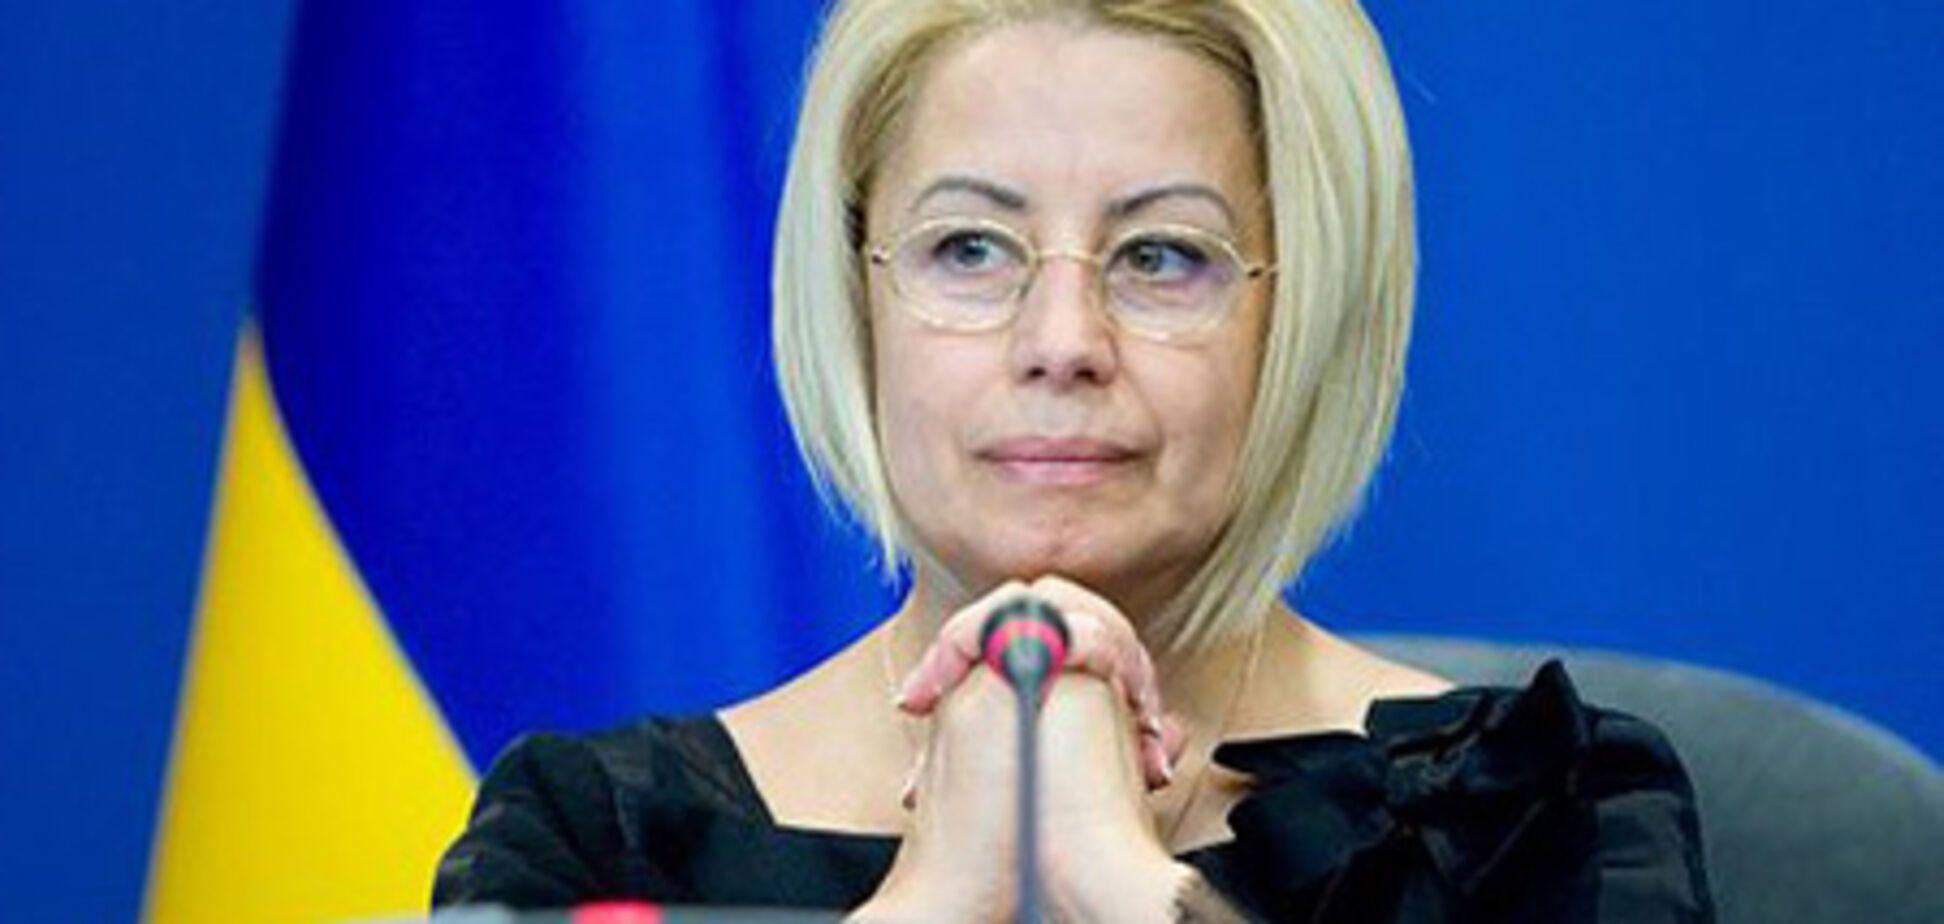 Герман: Янукович не змусить українців розлюбити Бандеру